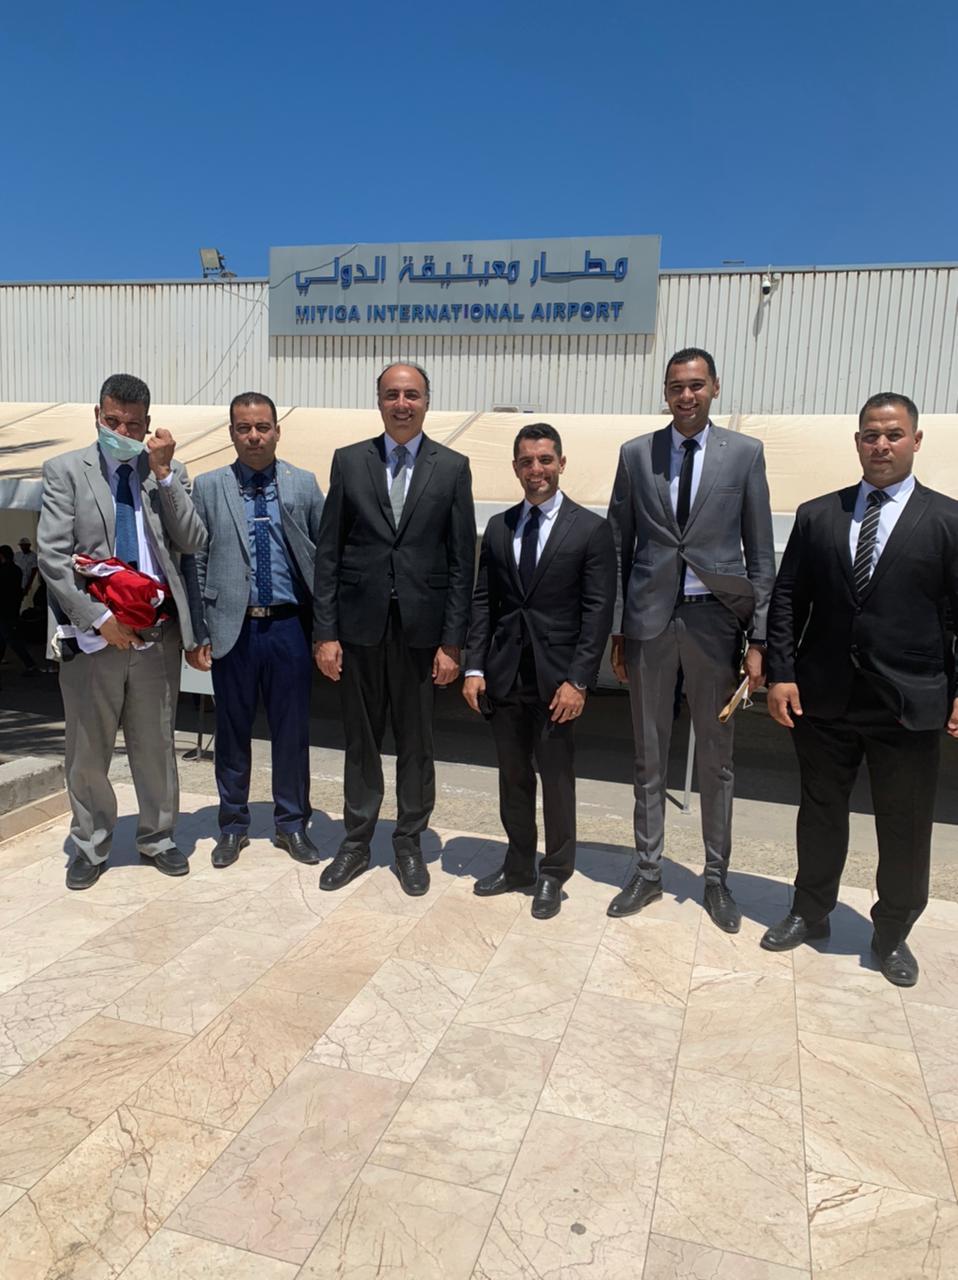 السفير محمد ثروت وطاقم السفارة فى طرابلس بمطار معيتيقة الدولى